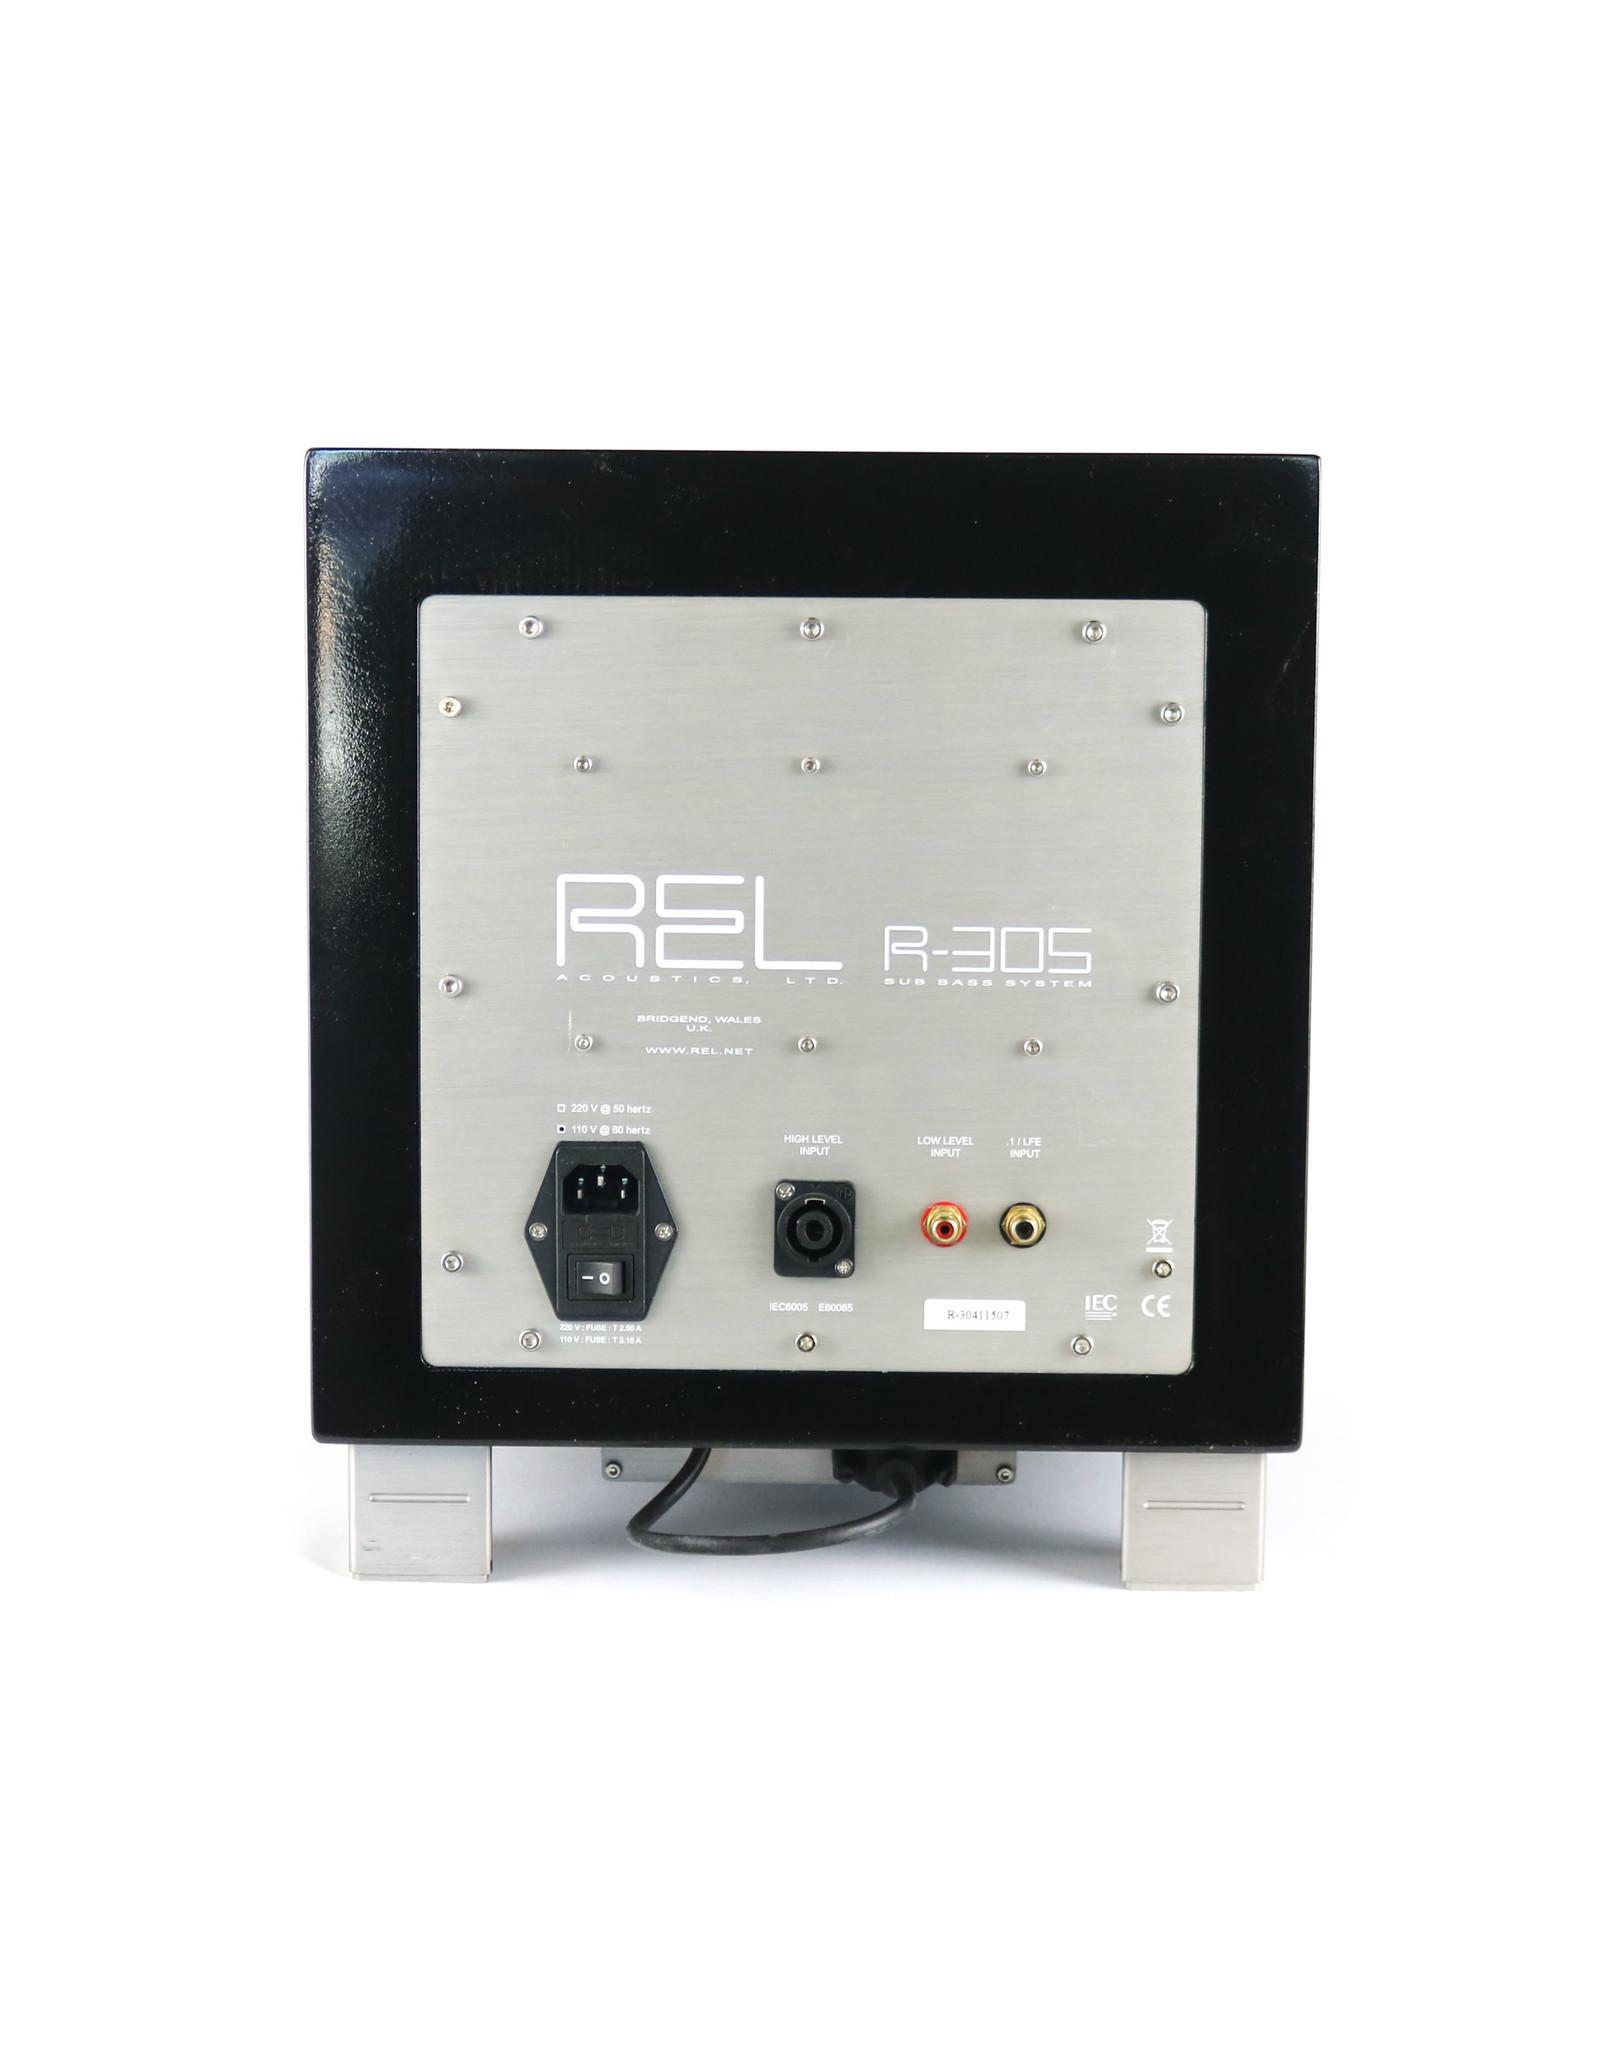 REL REL R-305 Subwoofer USED